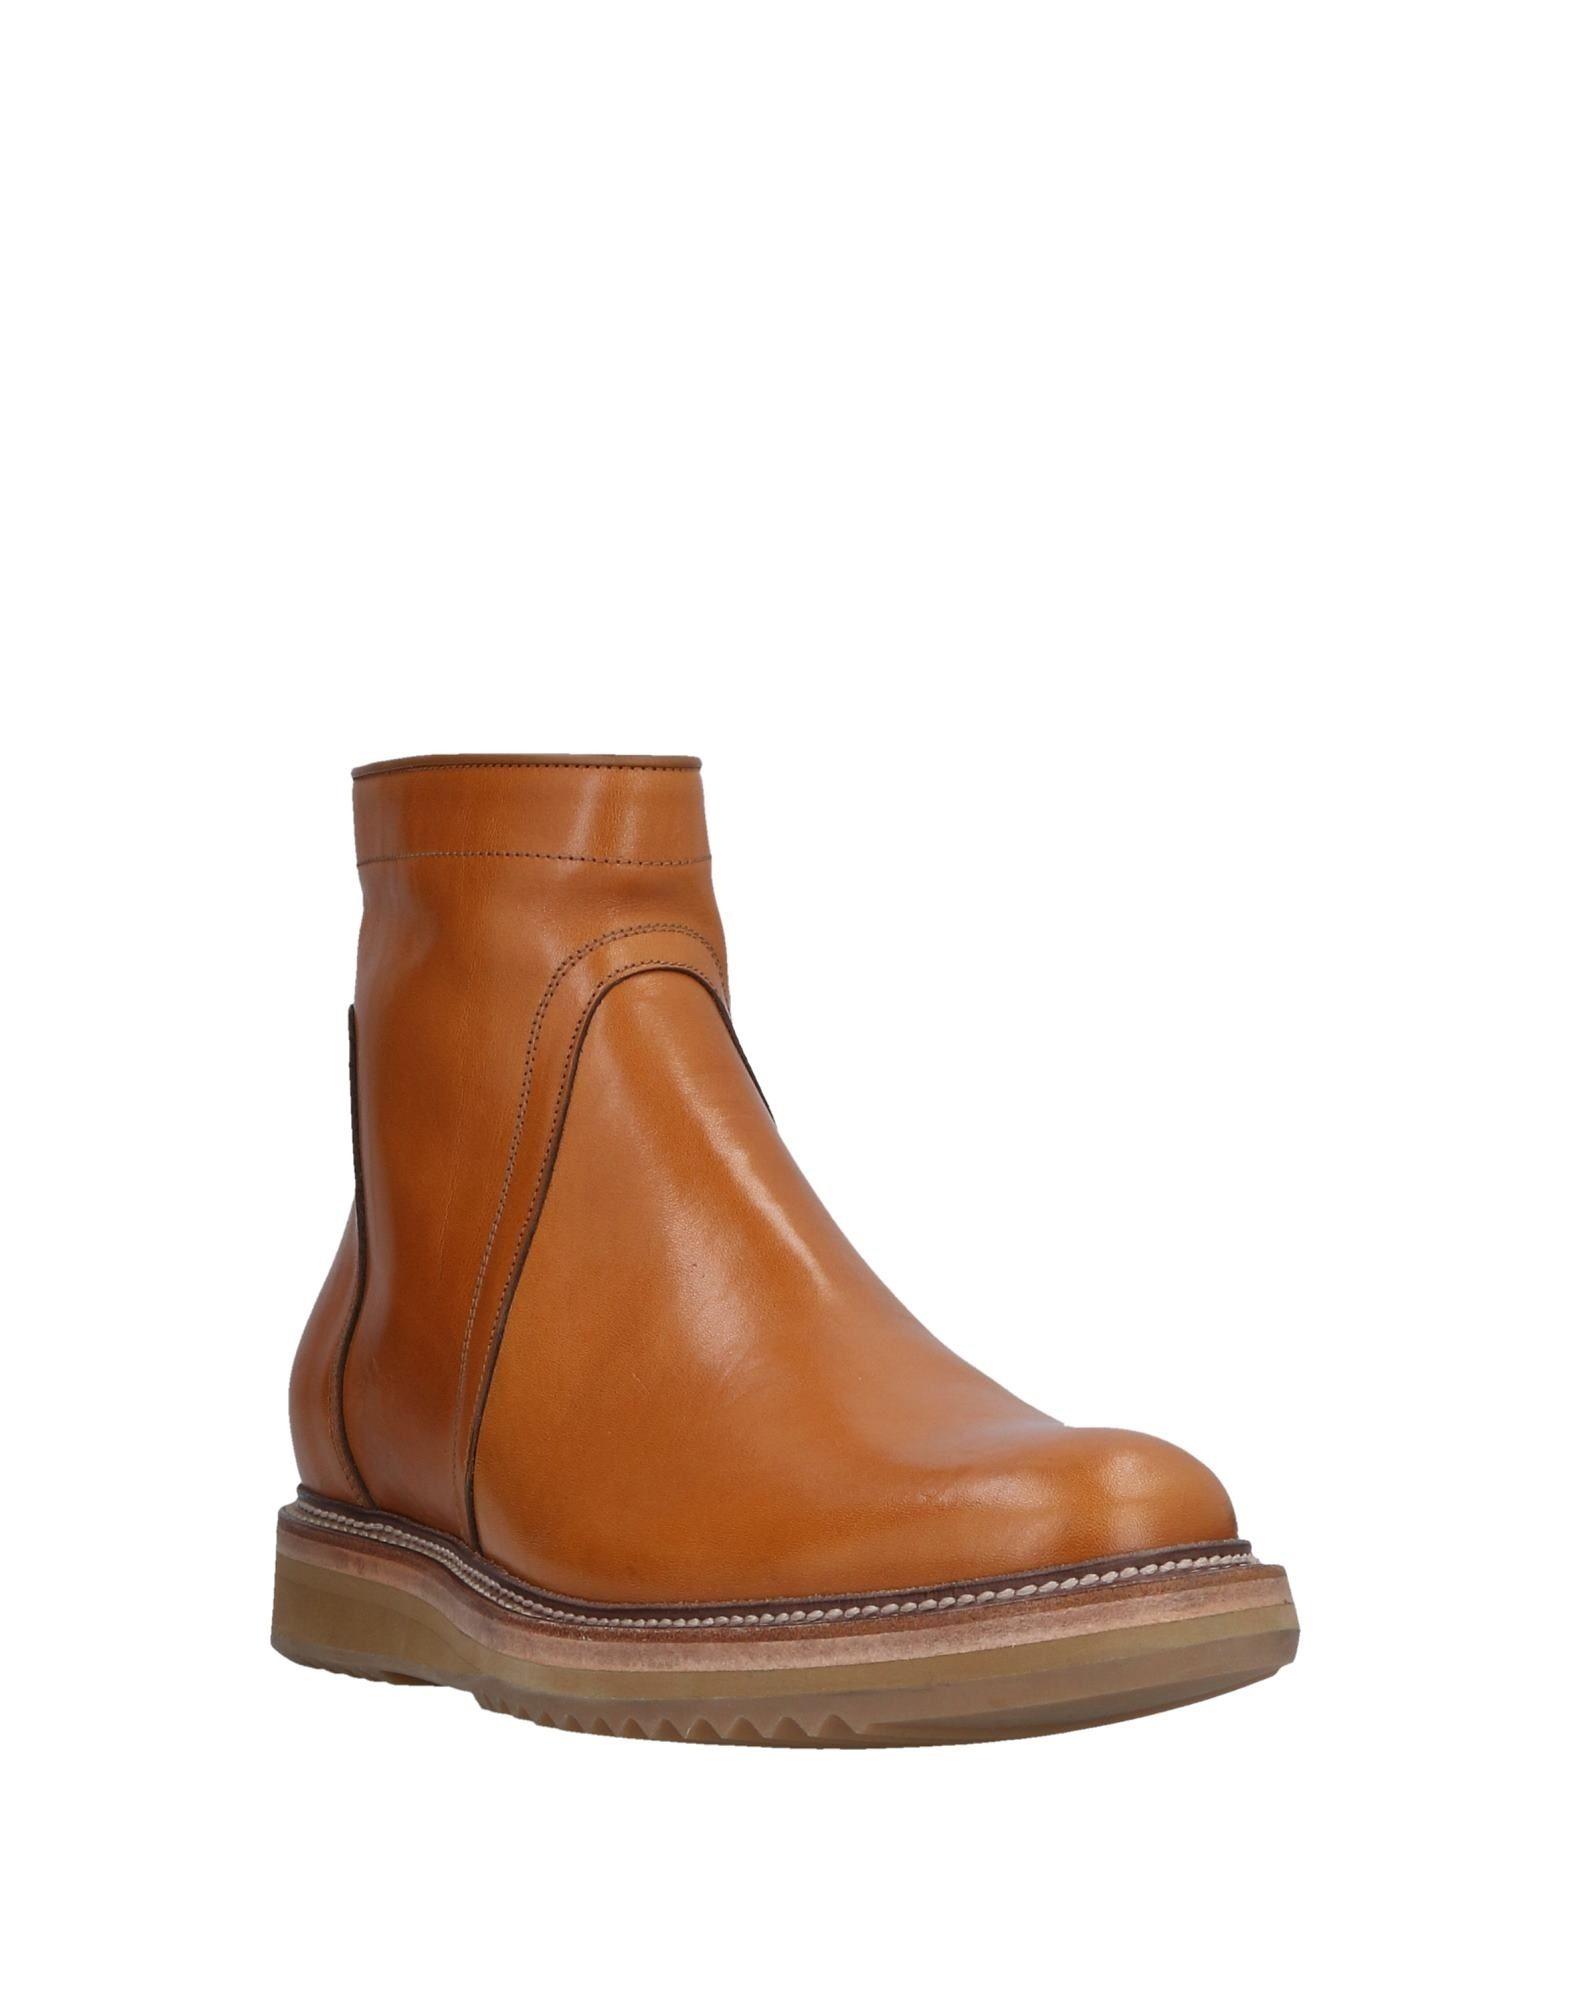 Rick Owens Gute Stiefelette Herren  11520057JA Gute Owens Qualität beliebte Schuhe ef0e86